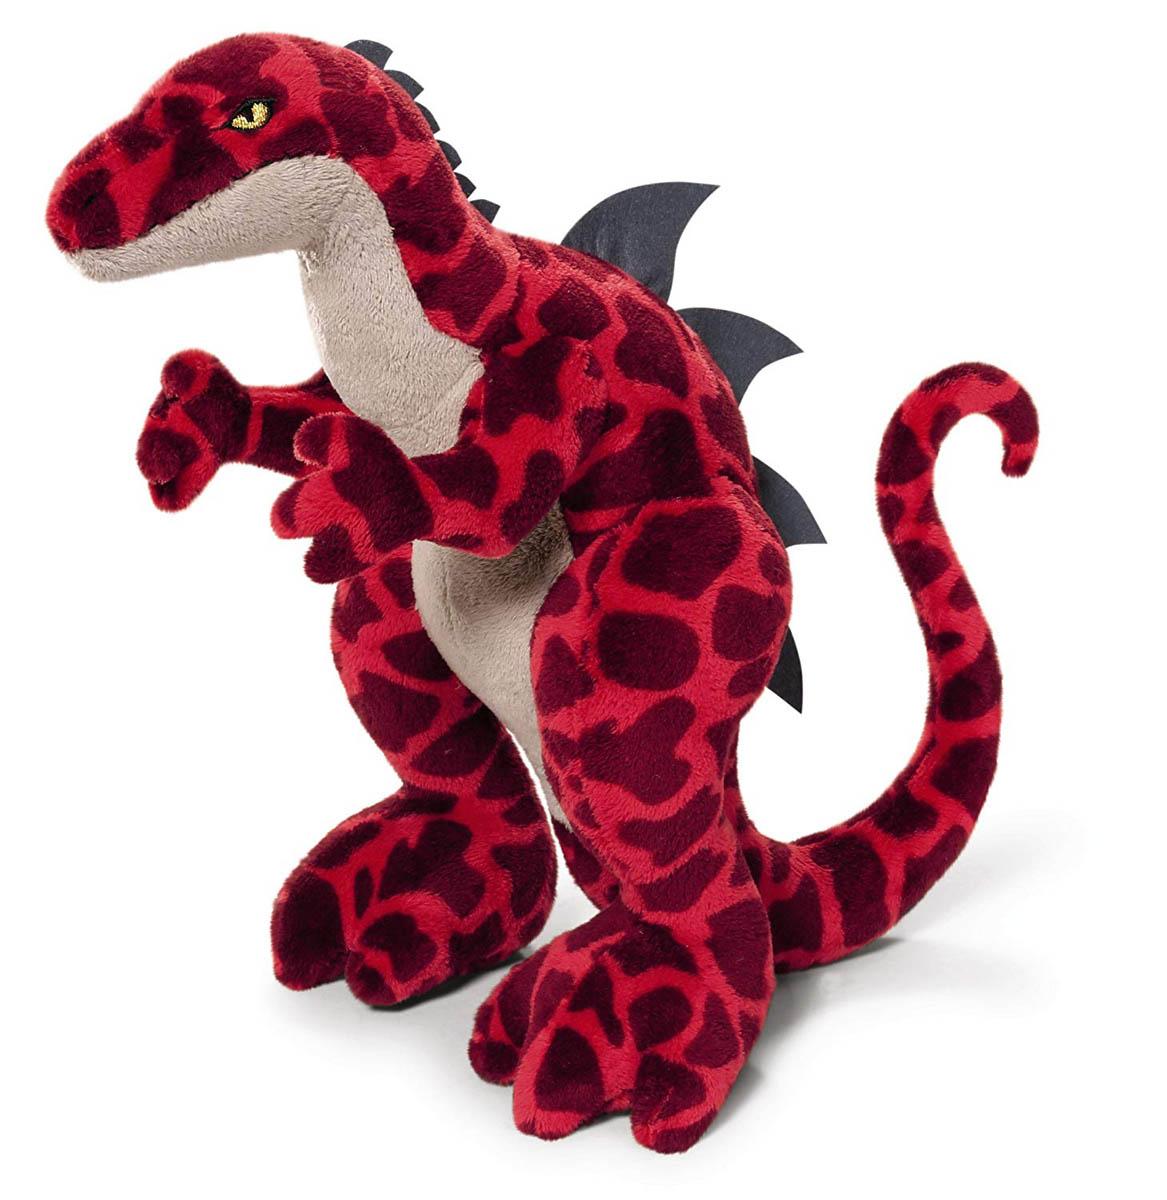 Plišana igračka CREATURE Red (40 cm)